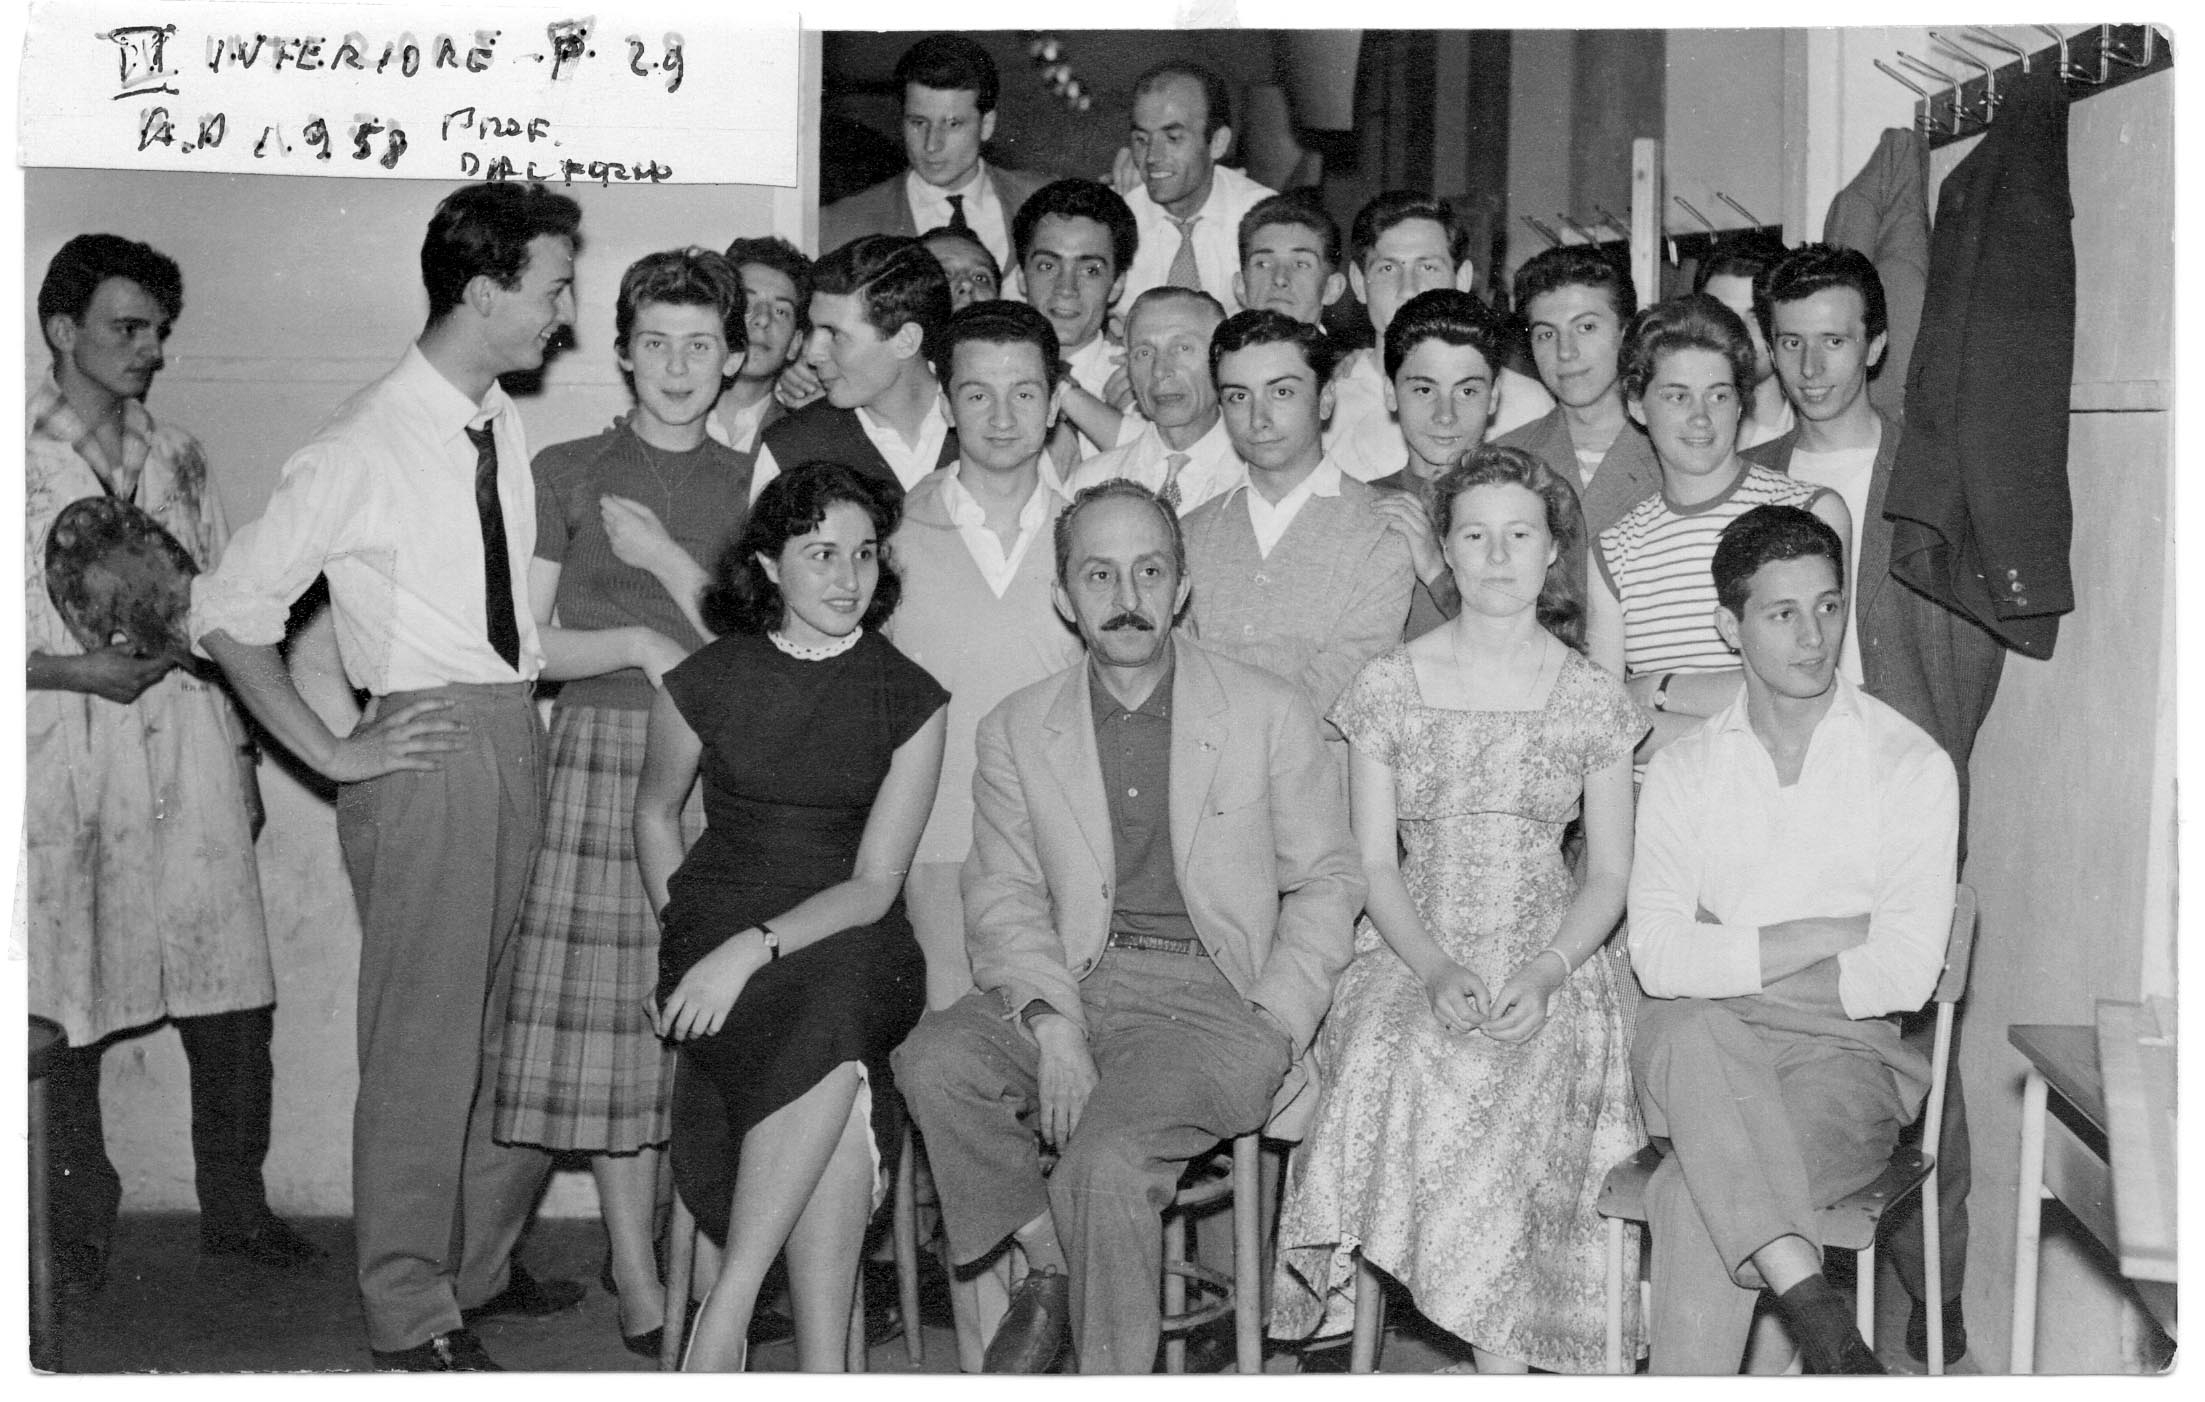 II Inferiore 1958 - Prof. Dal Forno